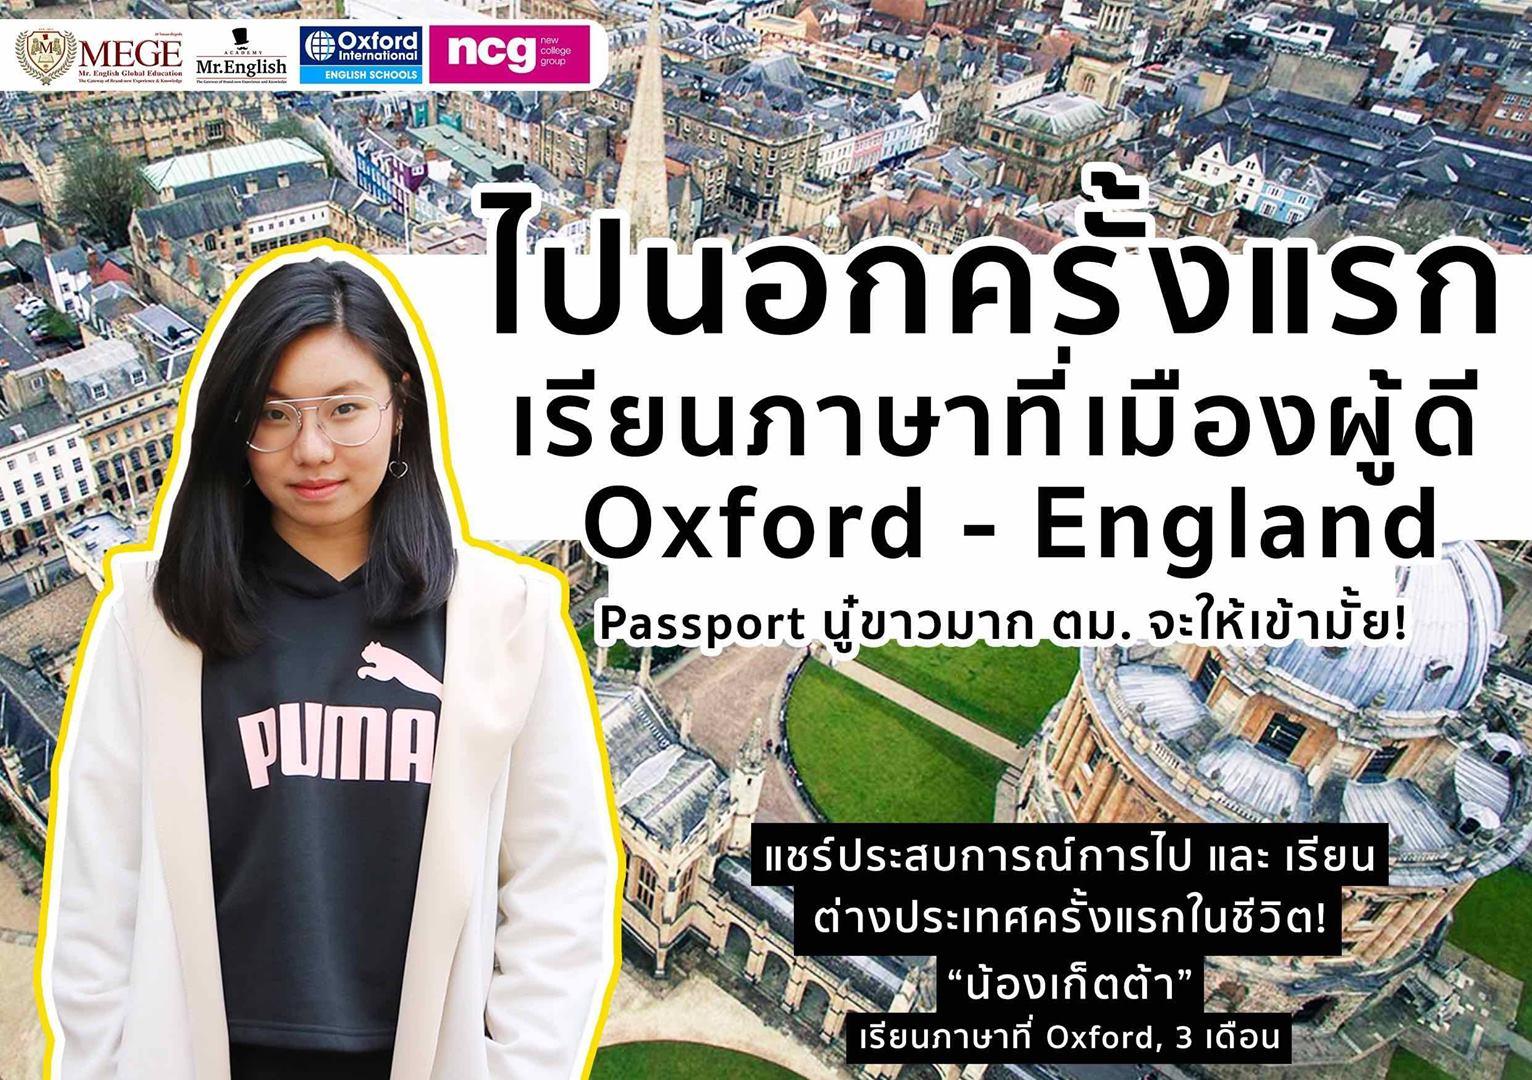 แชร์ประสบการณ์นักเรียนที่ Oxford : น้องเก็ตต้า